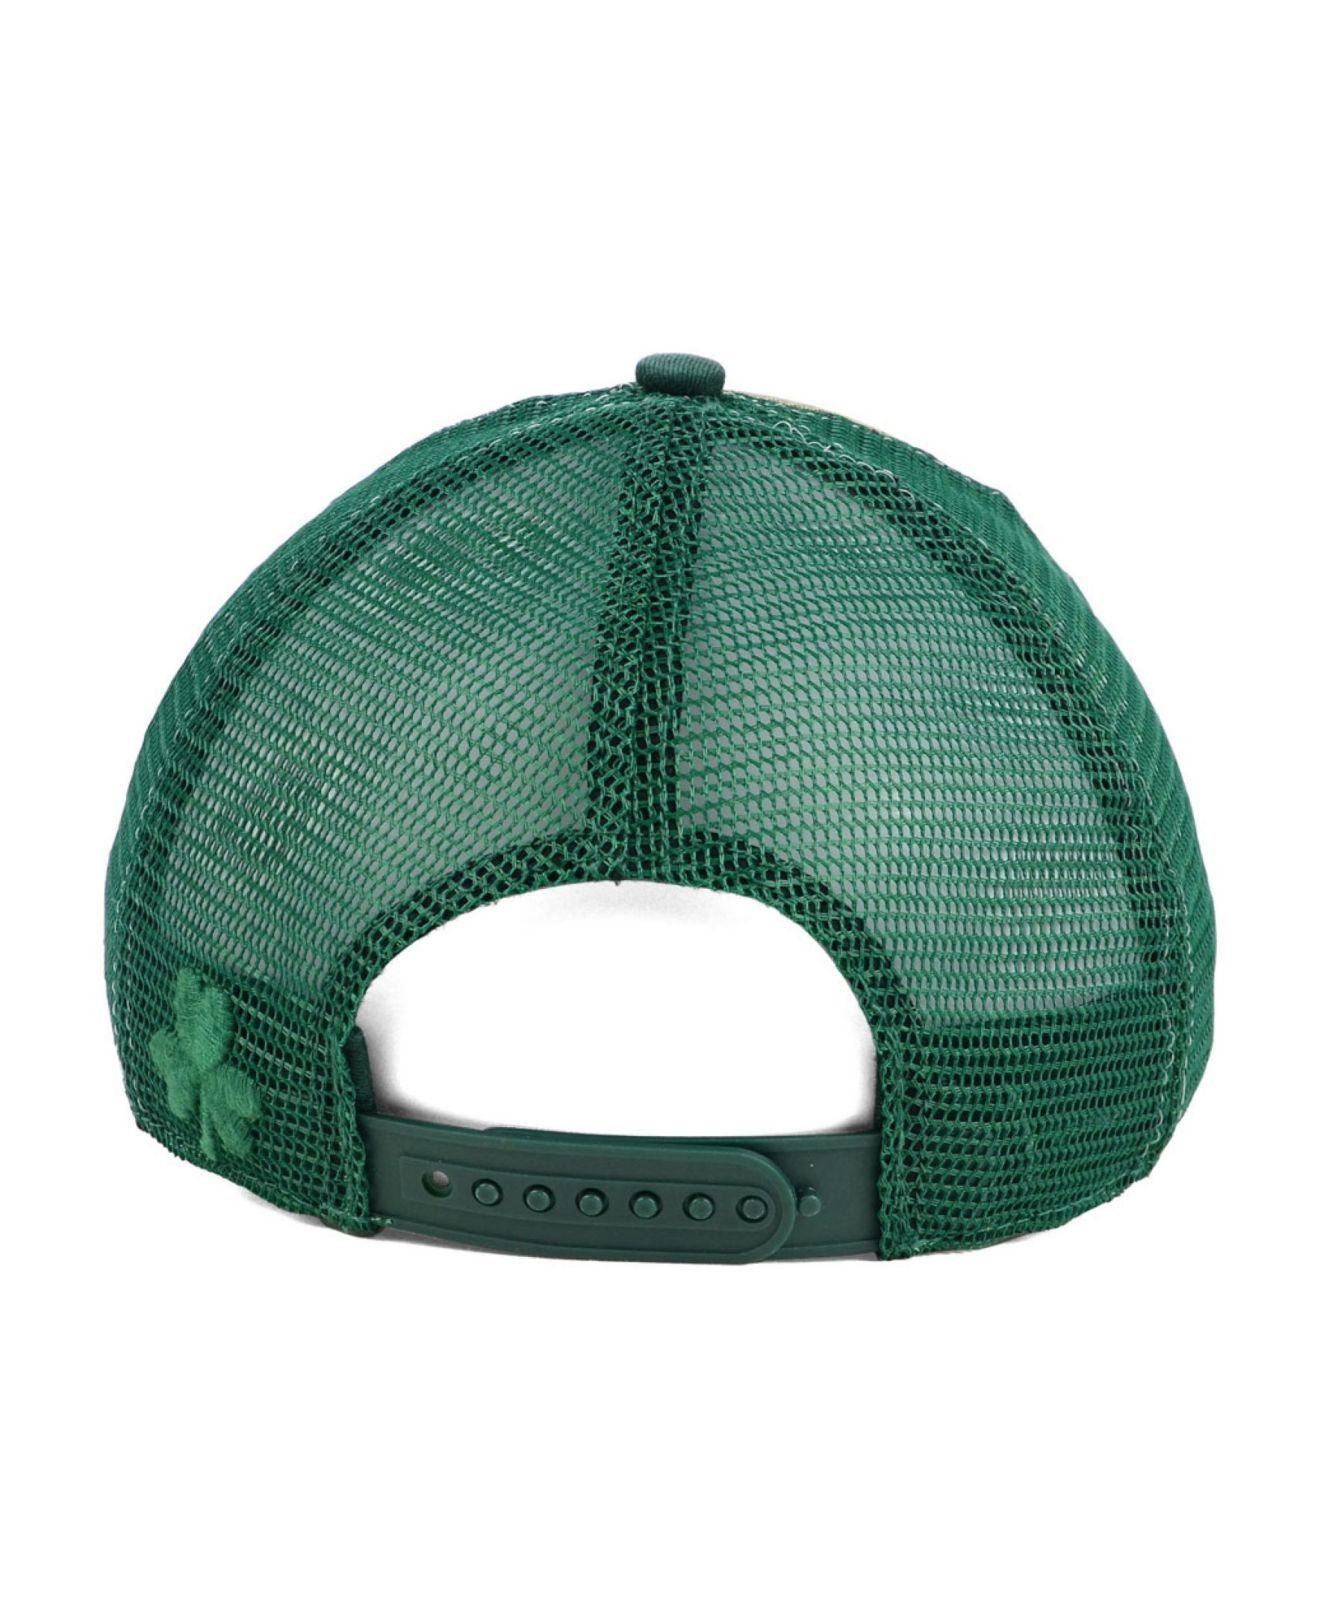 meet 385b6 71441 ... black adjustable baseball cap 9a06d 45bb5  cheapest lyst 47 brand st.  louis cardinals mcnally clean up cap in green cf080 31d46